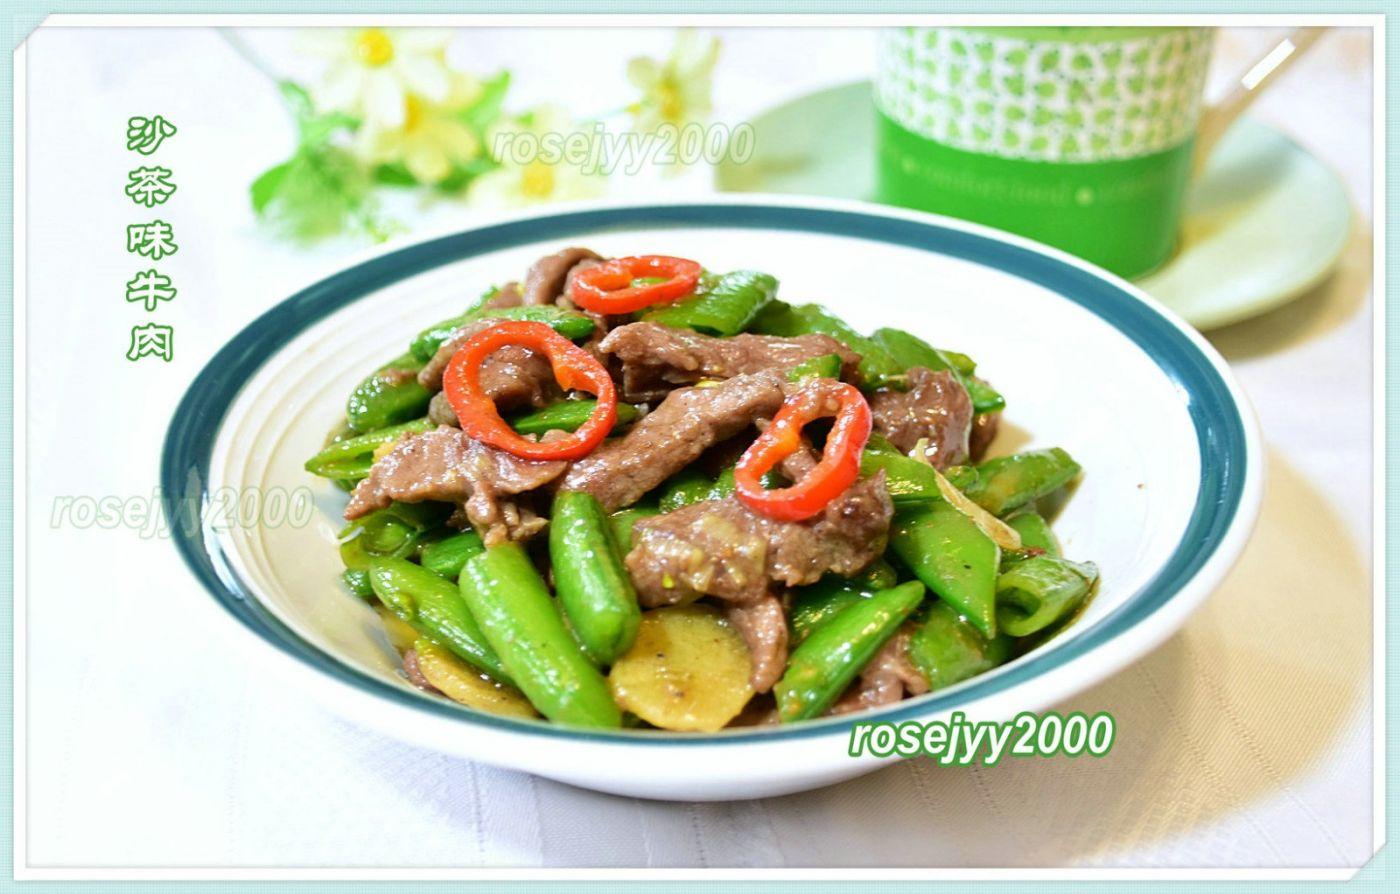 沙茶味牛肉_图1-1